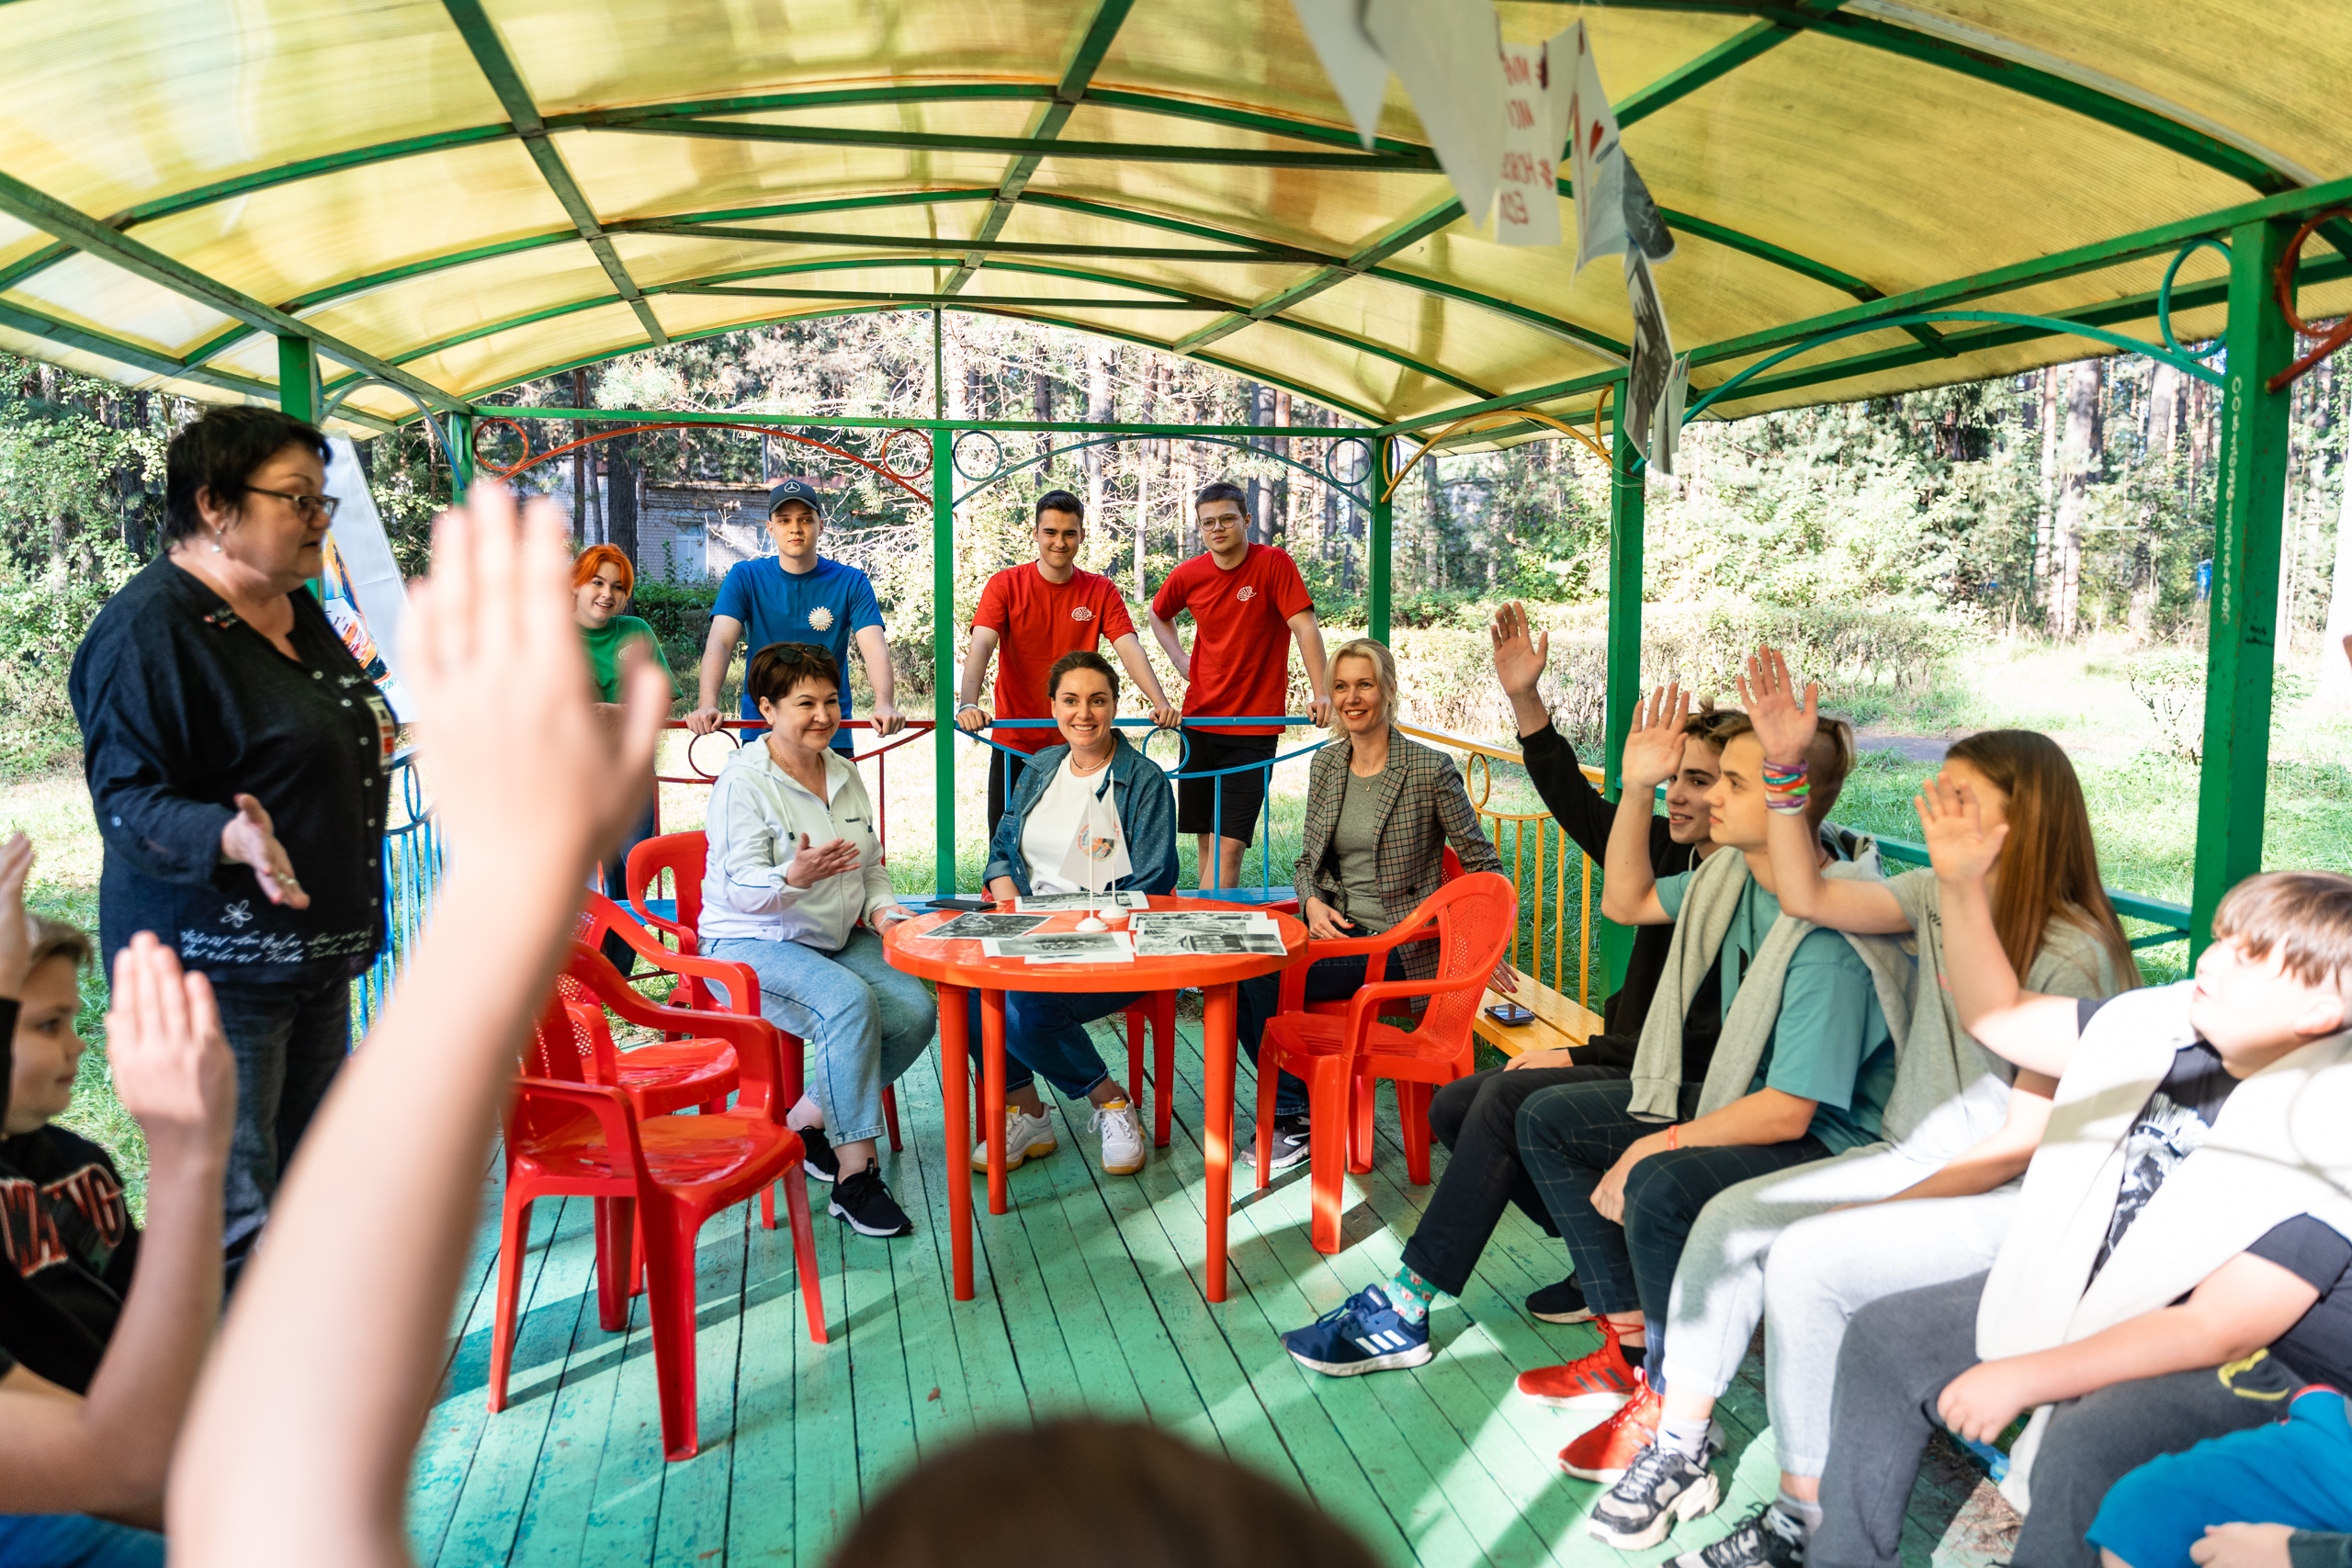 Тверской «Романтик»: каким должен быть детский лагерь, решают дети